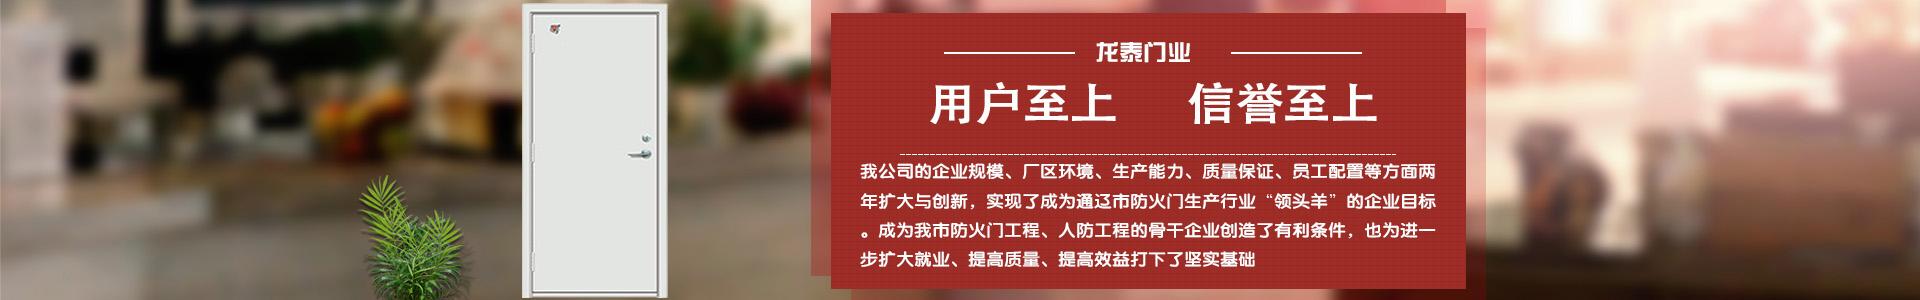 内蒙古yabo21有限责任公司 - yabovip18门窗厂|yabovip18防盗门|yabovip18防火门|yabovip18卷帘门